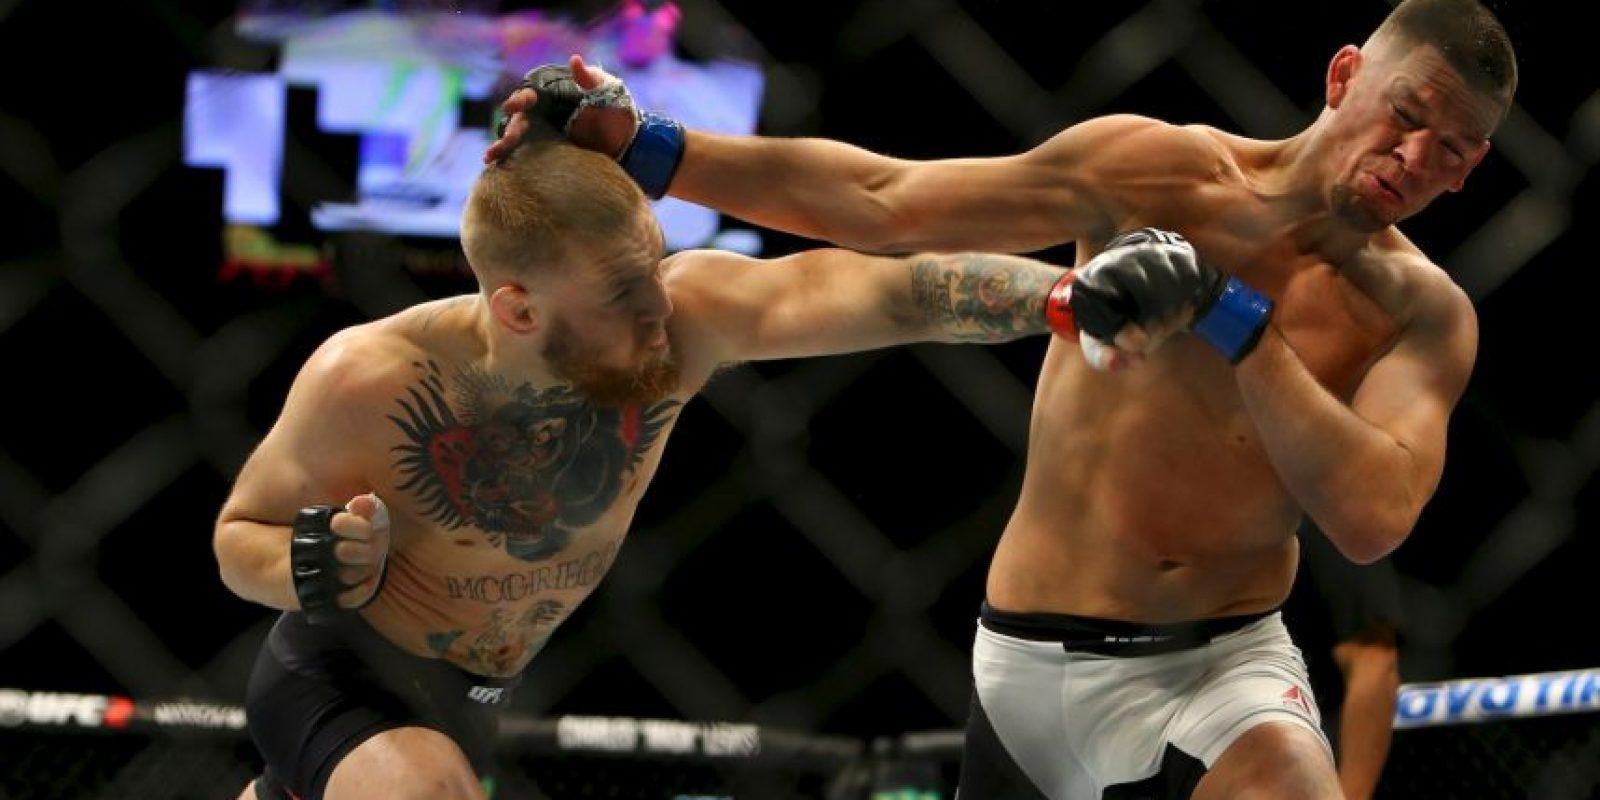 McGregor fue a la lona y recibió una lluvia de golpes de su rival. Foto:Getty Images